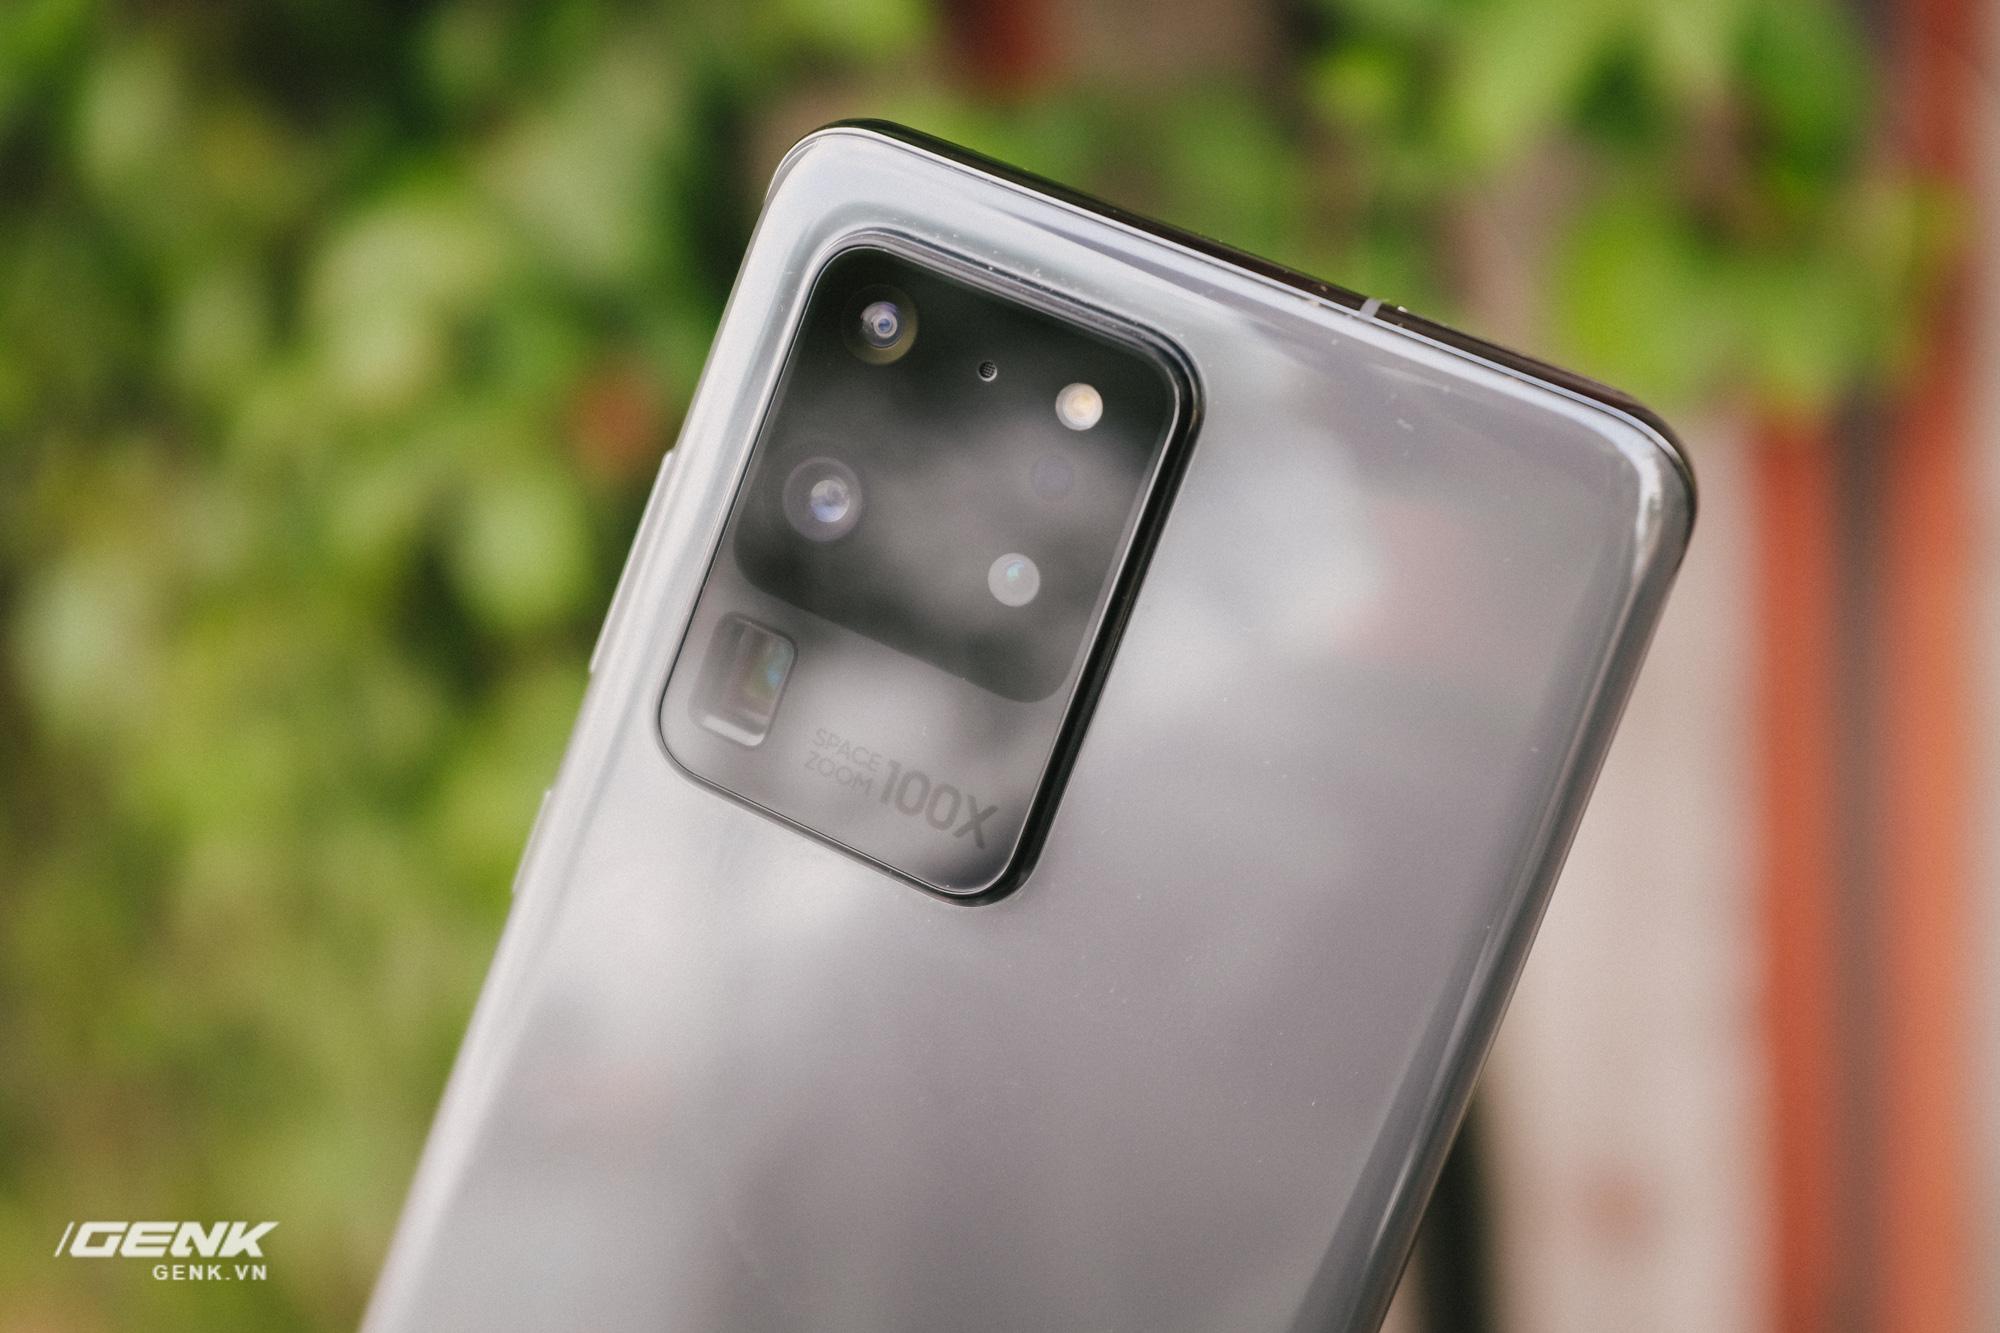 Những chi tiết thiết kế mới trên Galaxy S20 chứng tỏ Samsung vẫn bén lắm - Ảnh 1.